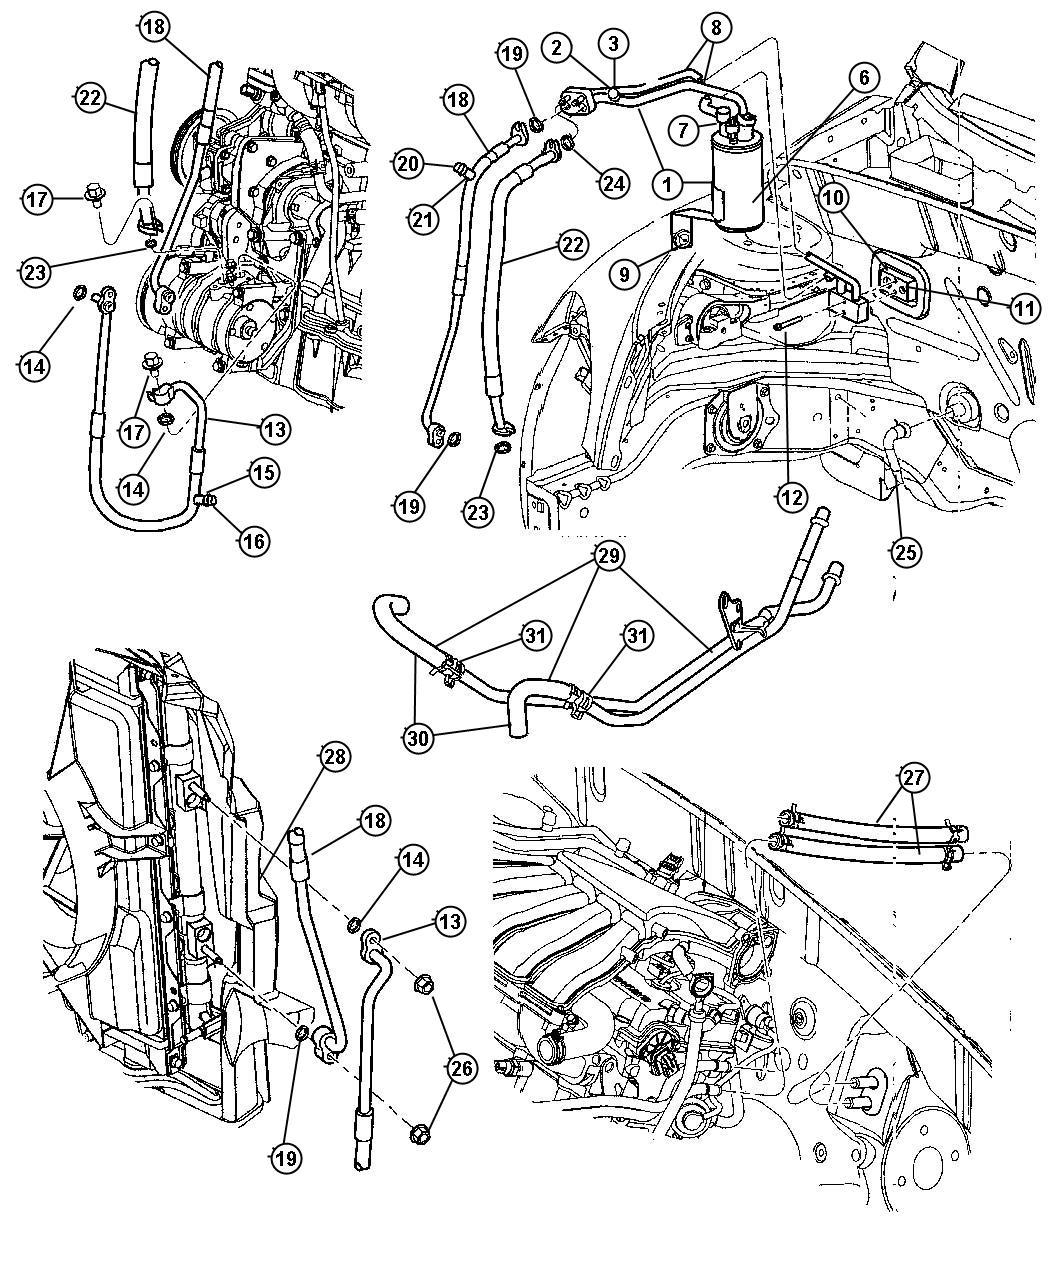 2003 ford taurus starter wiring diagram